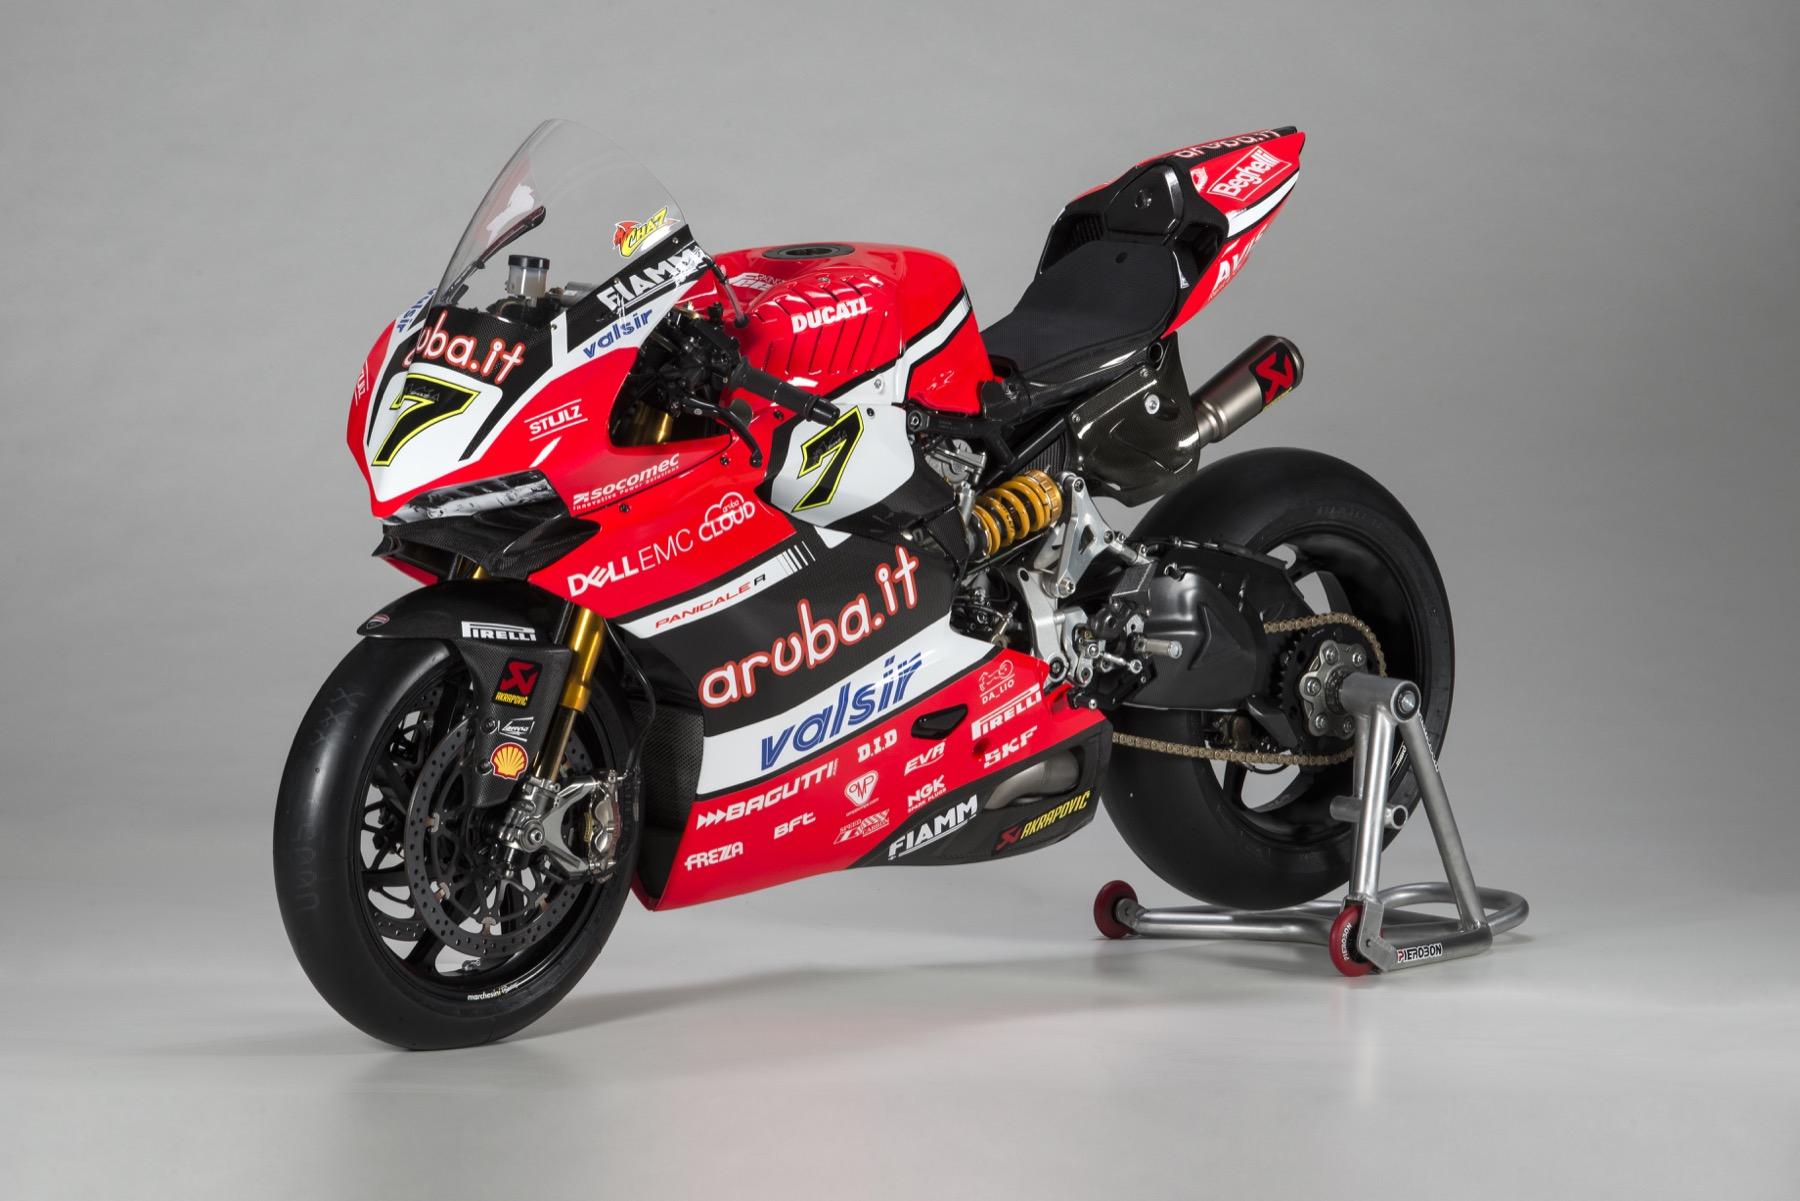 Aruba Ducati Panigale R 2017